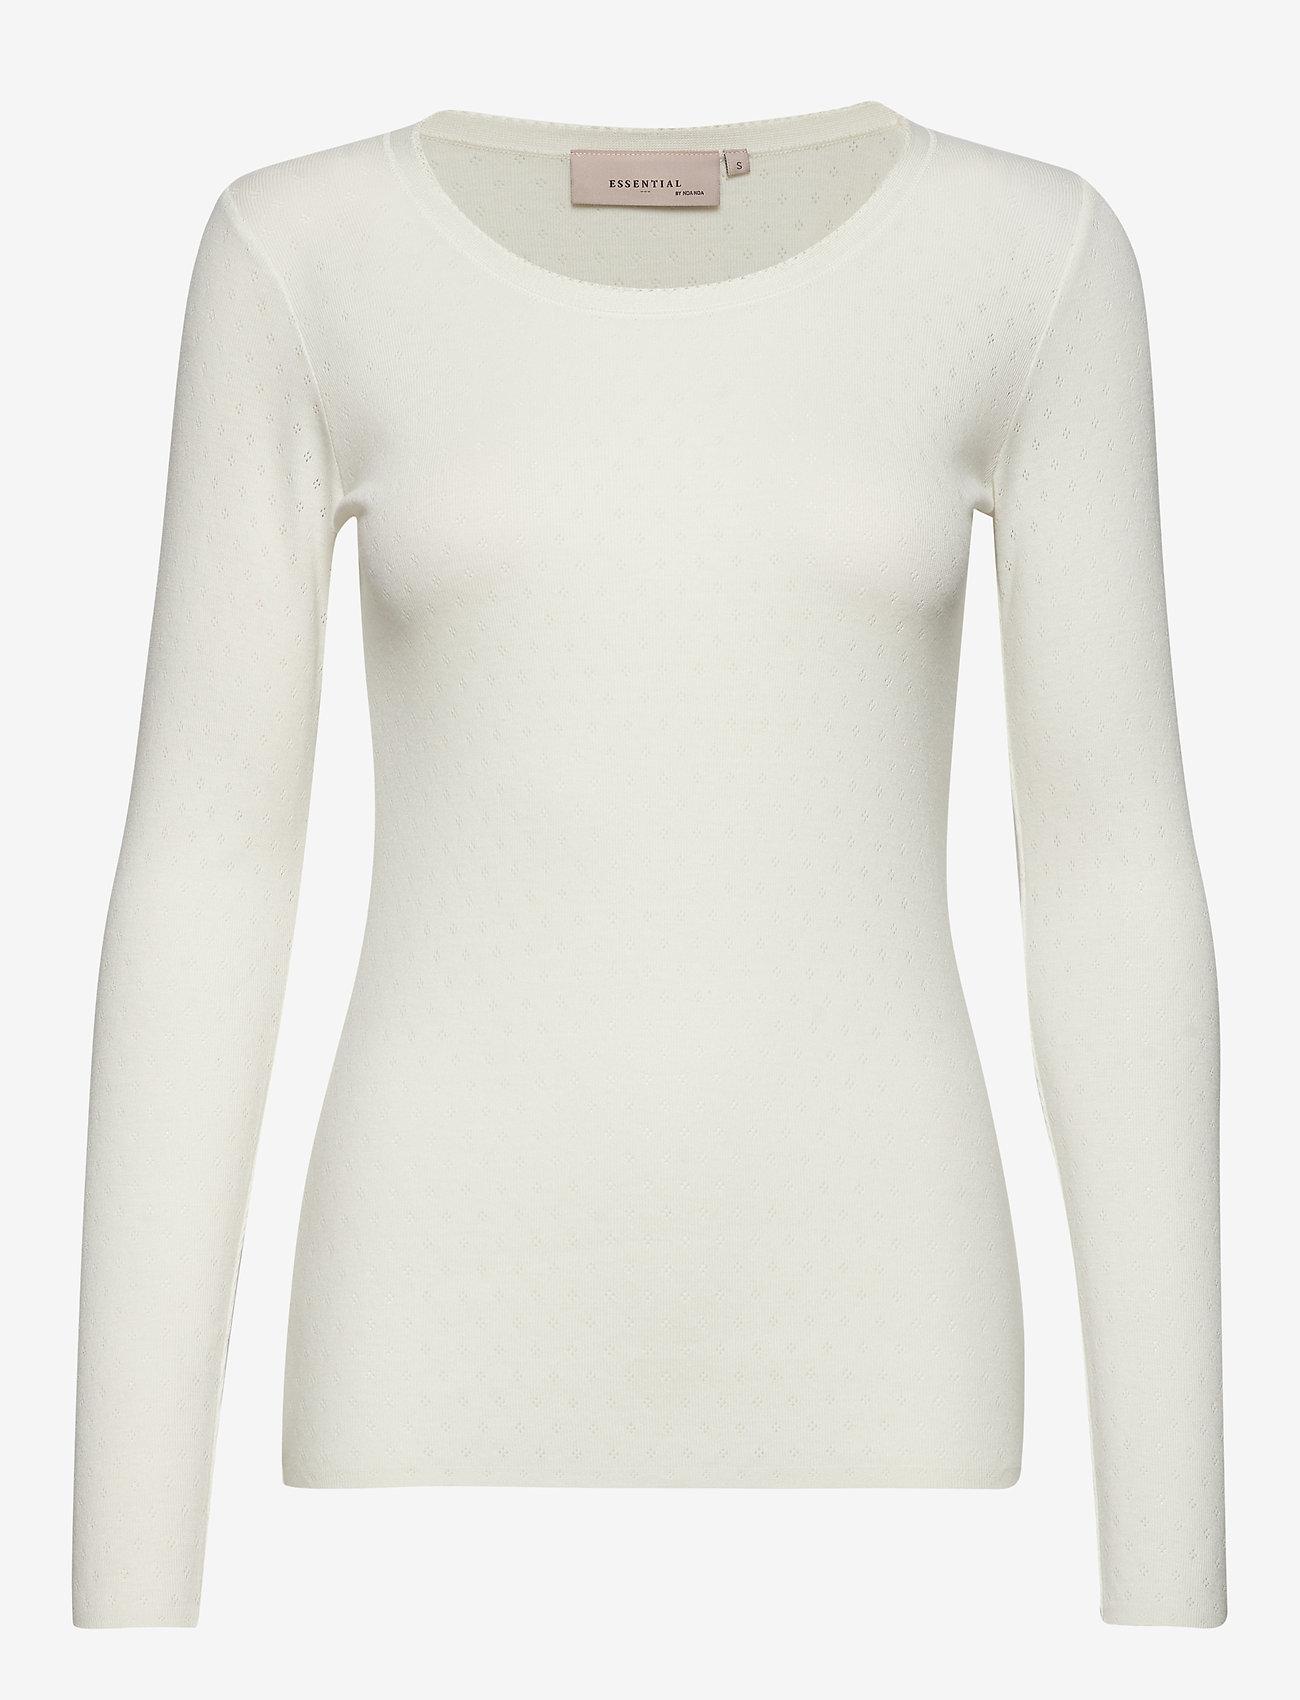 Noa Noa - T-shirt - tops met lange mouwen - cloud dancer - 0